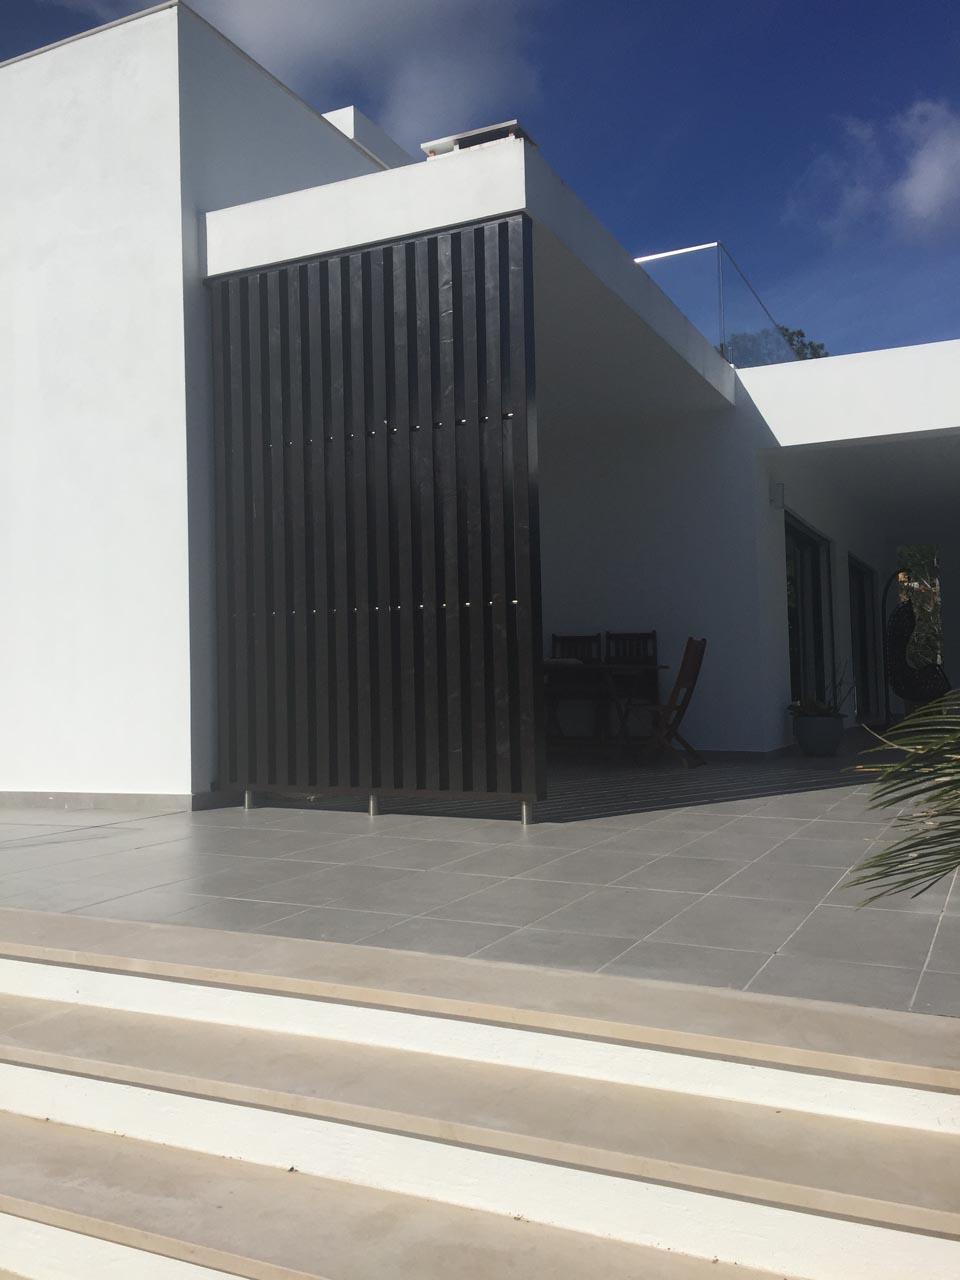 https://www.araujo-arquitectura.pt/wp-content/uploads/2020/12/IMG_4059.jpg